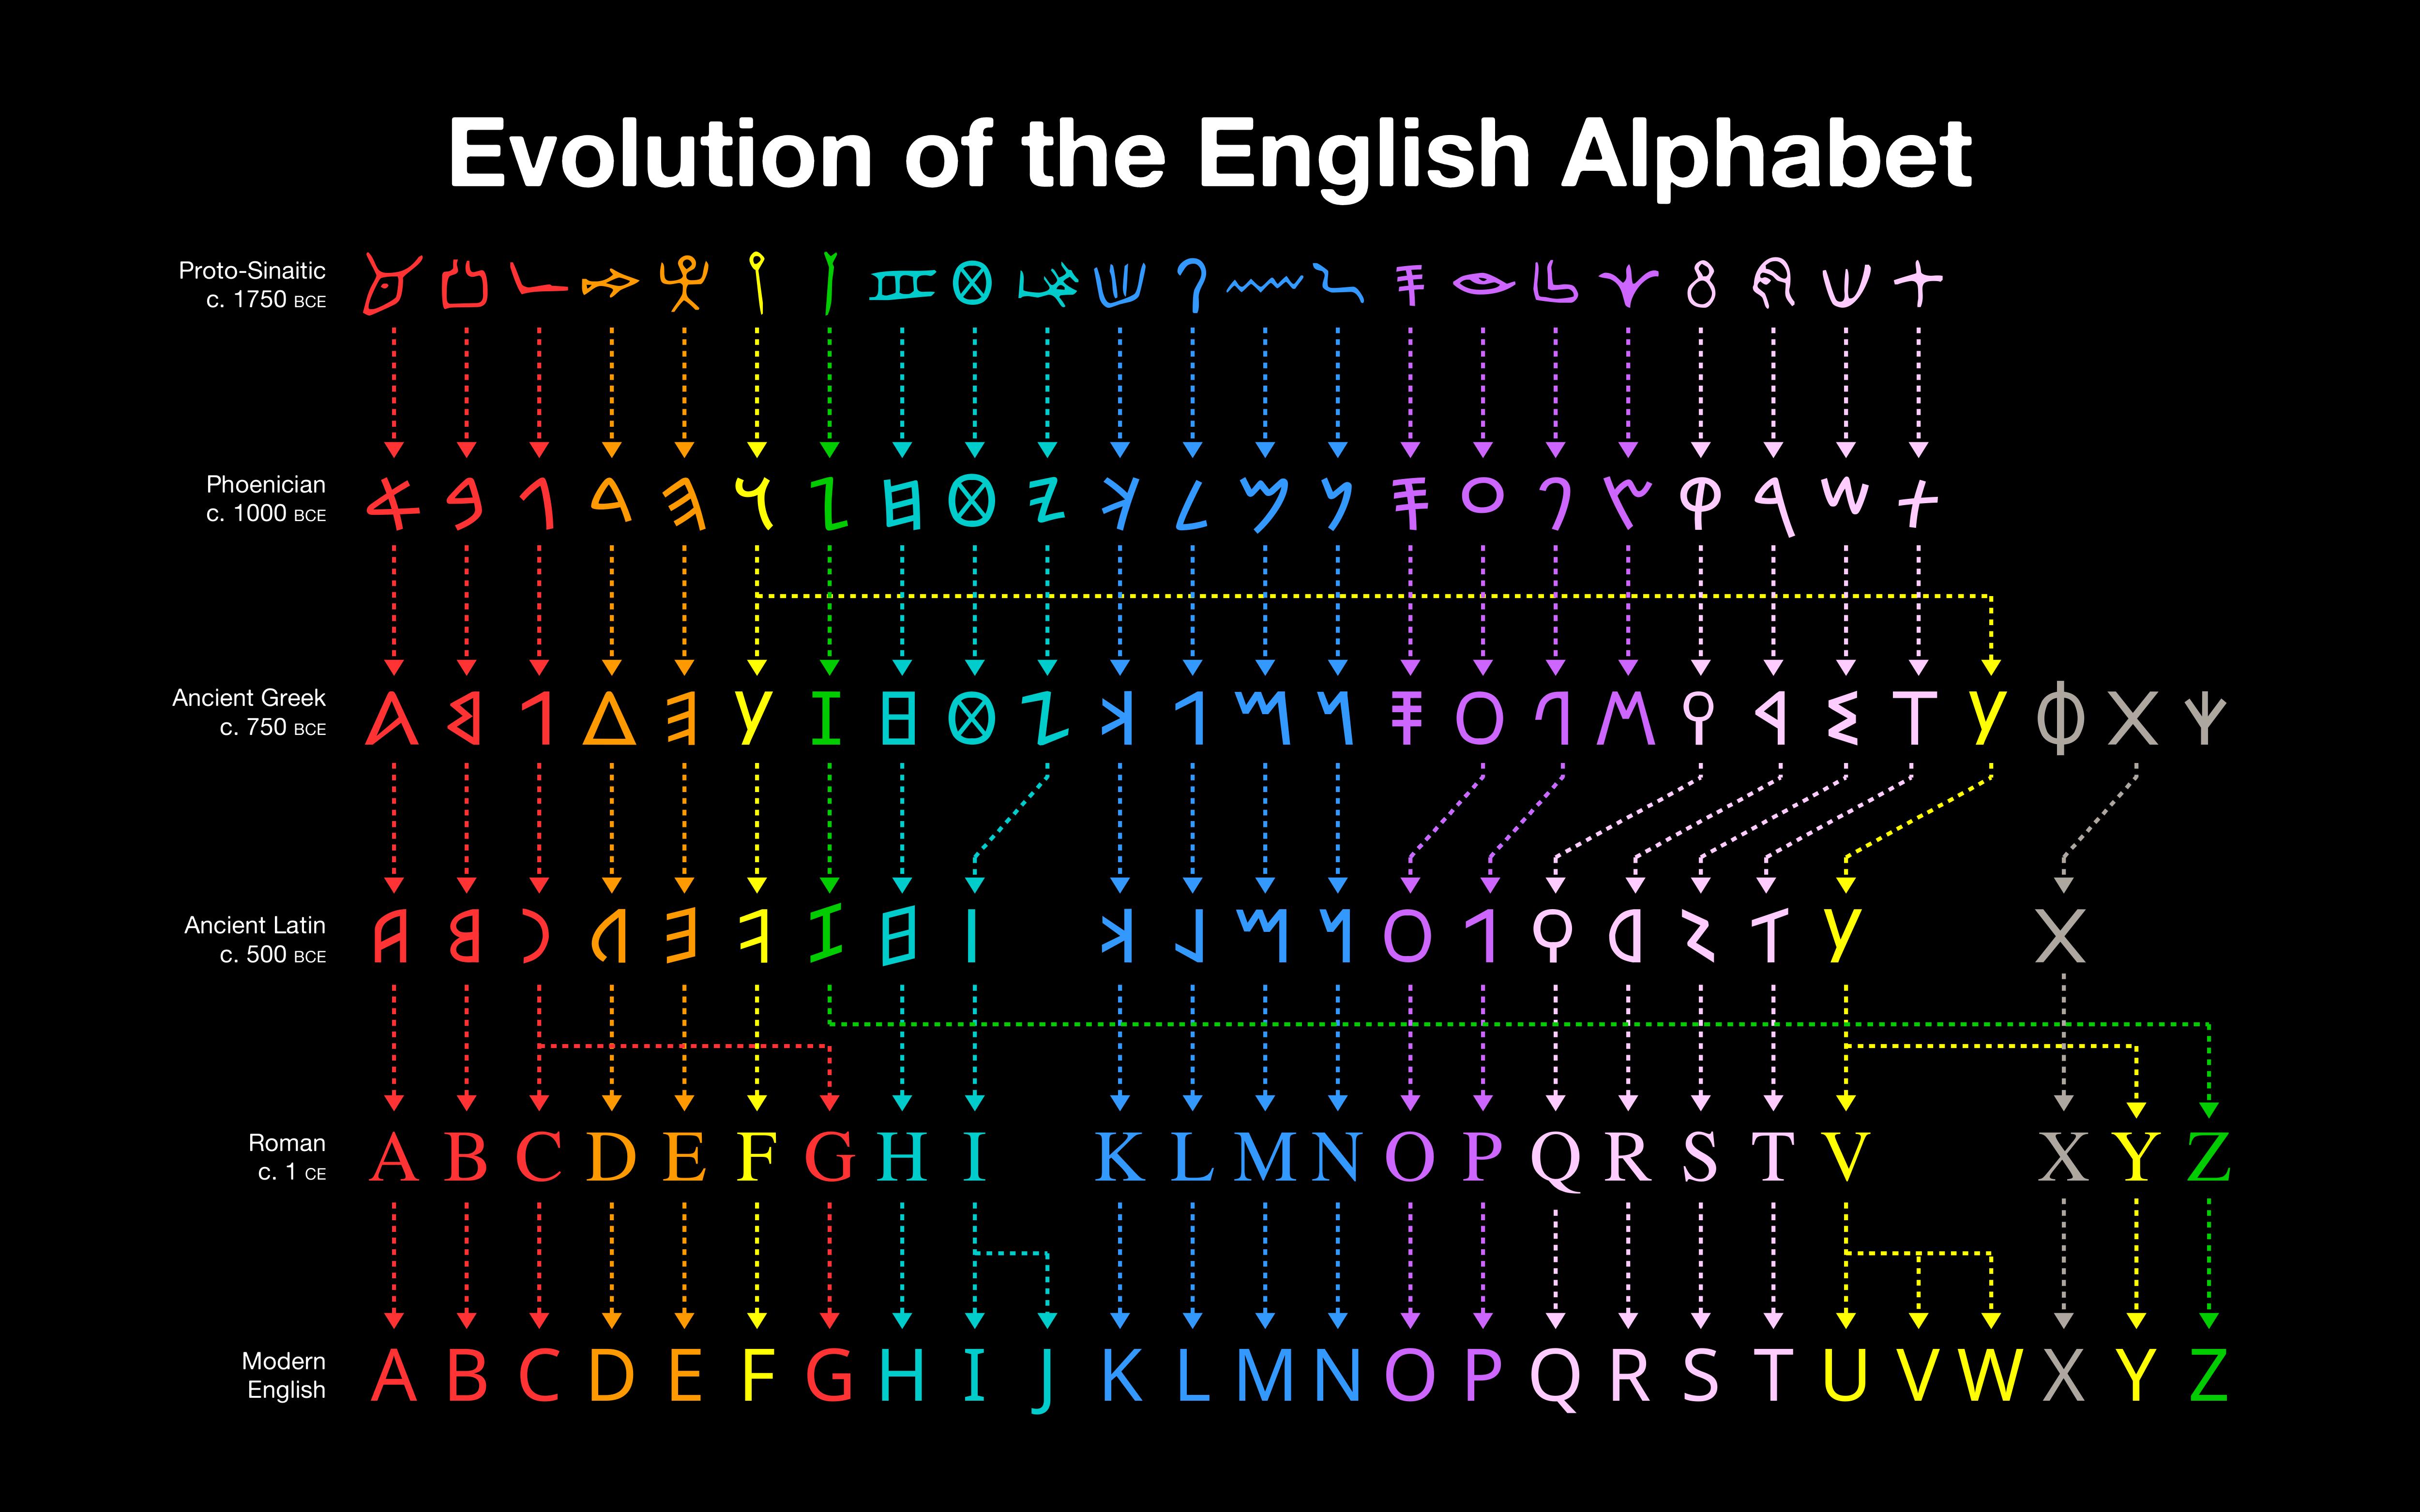 angielski alfabet literowanie ewolucja